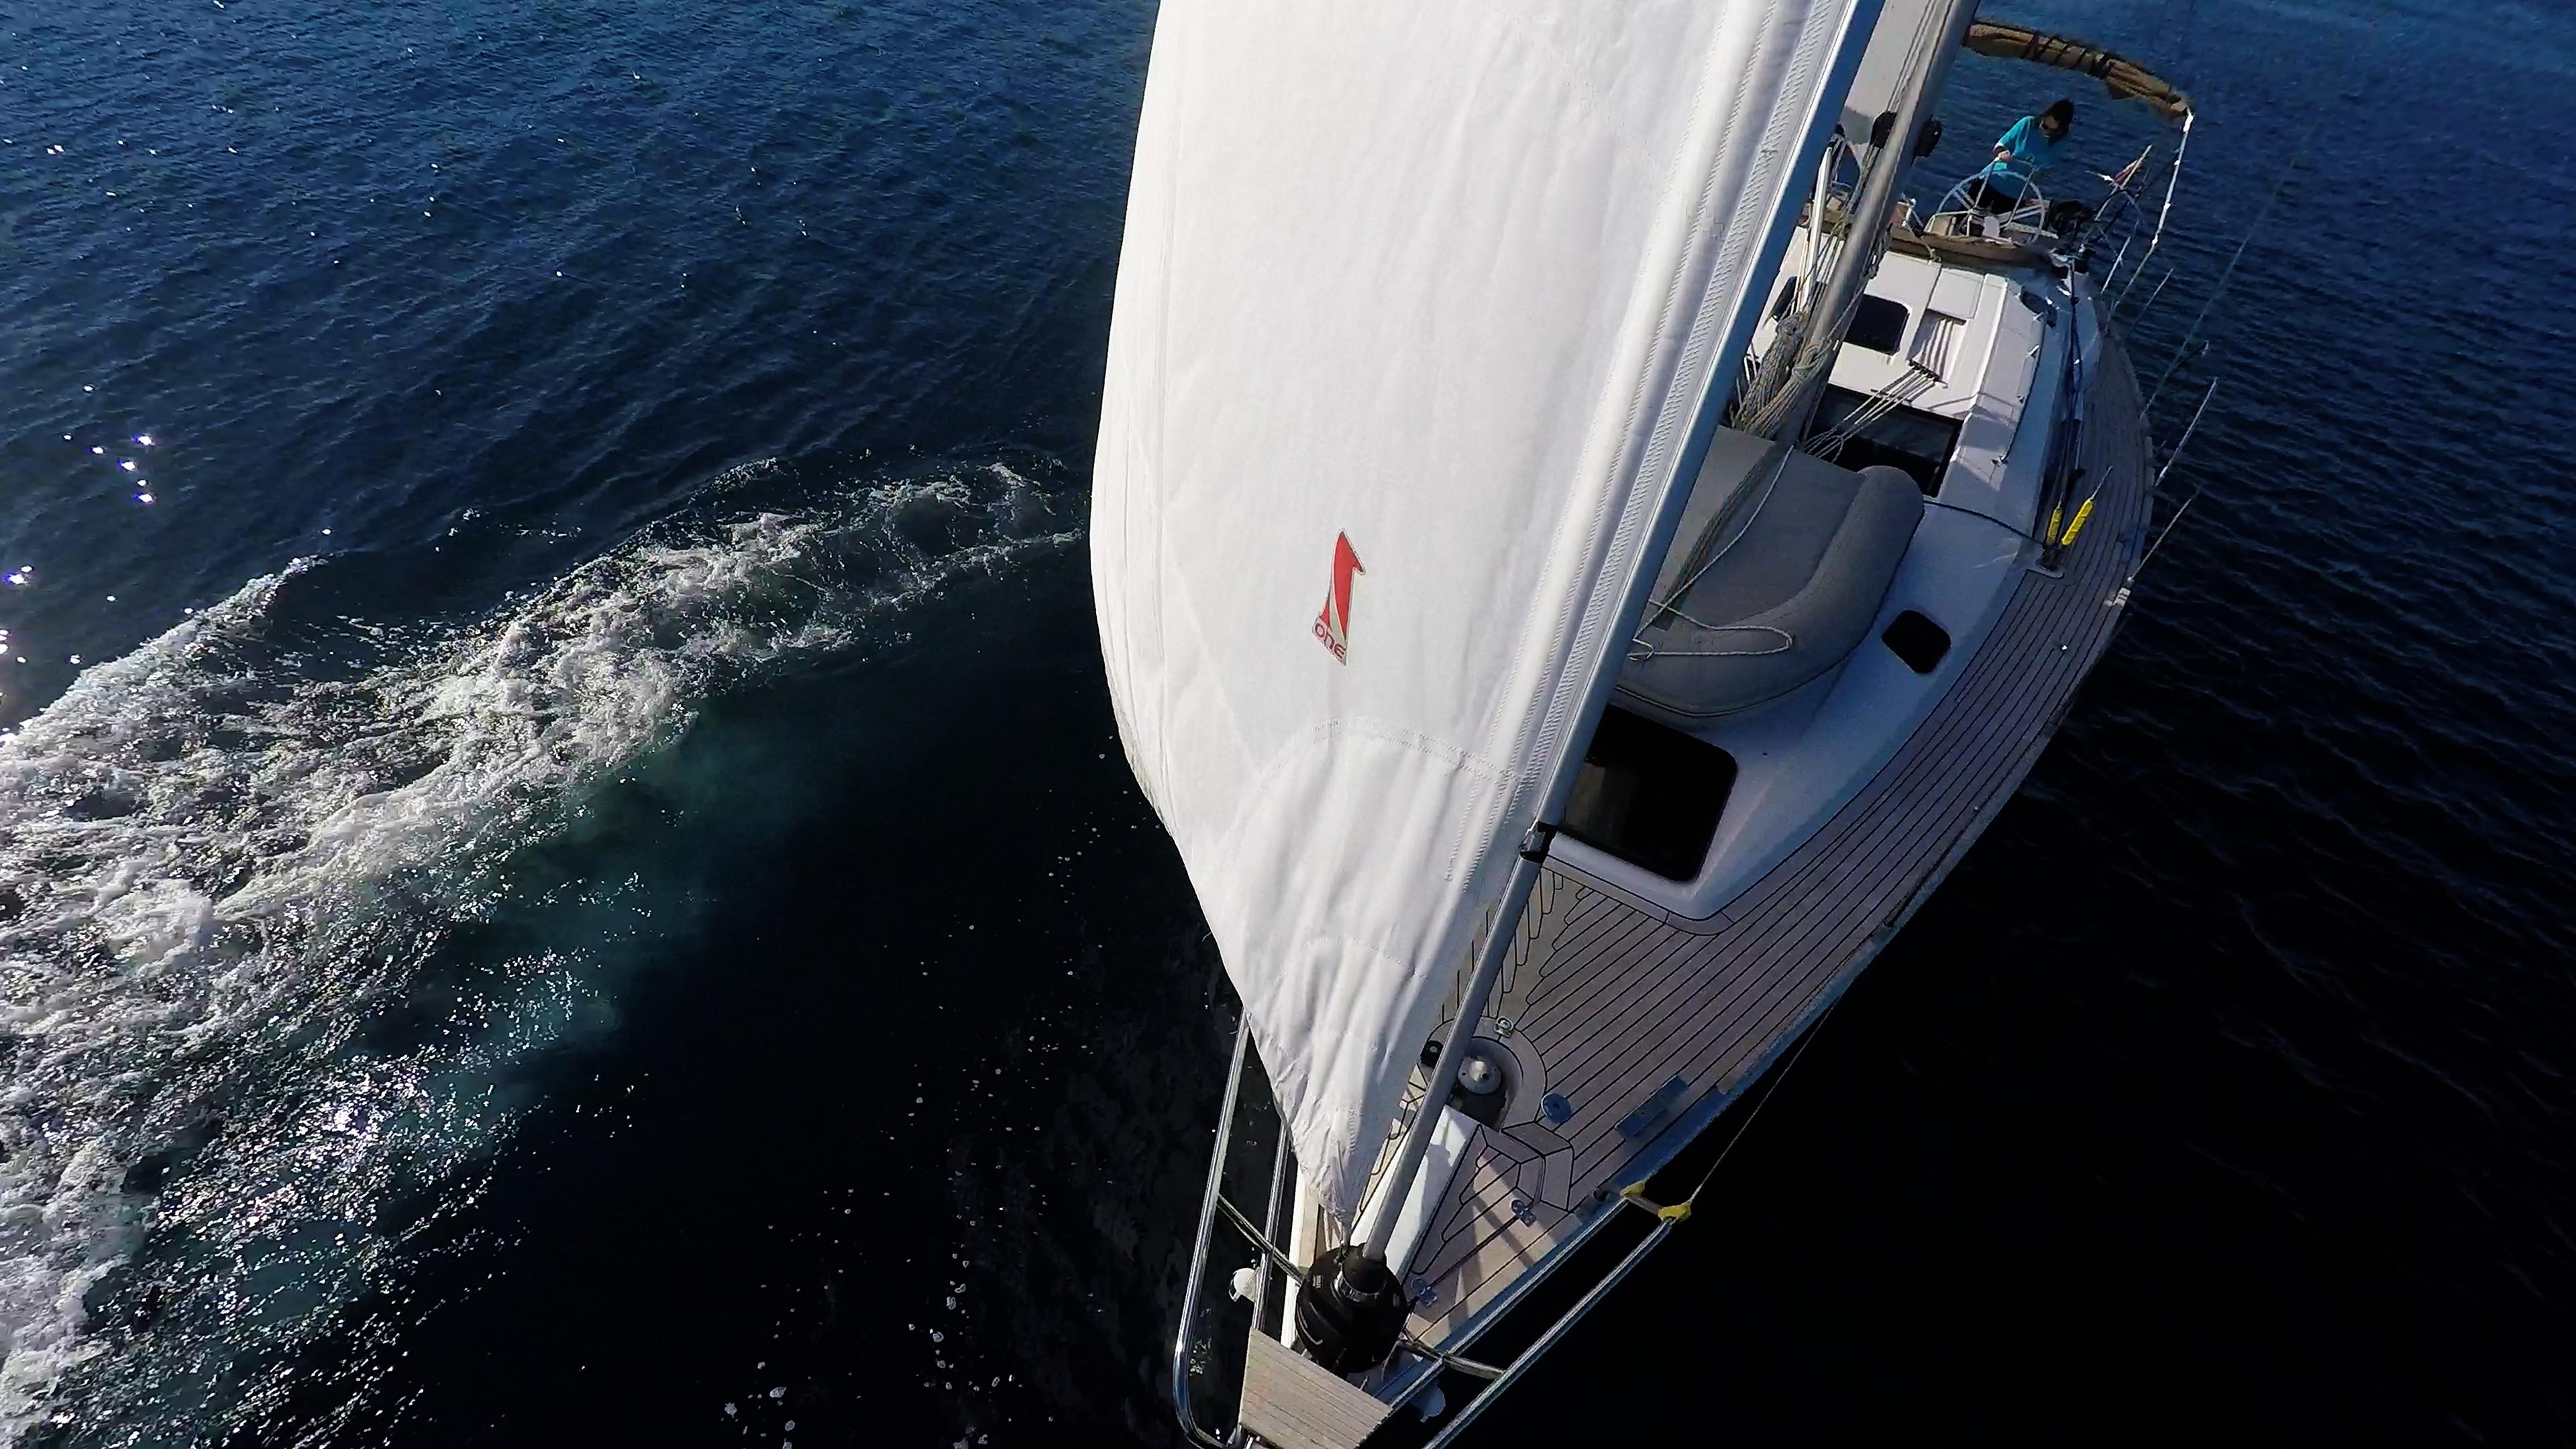 bateau à voile proue voilier elan 45 impression bateau à voile voile